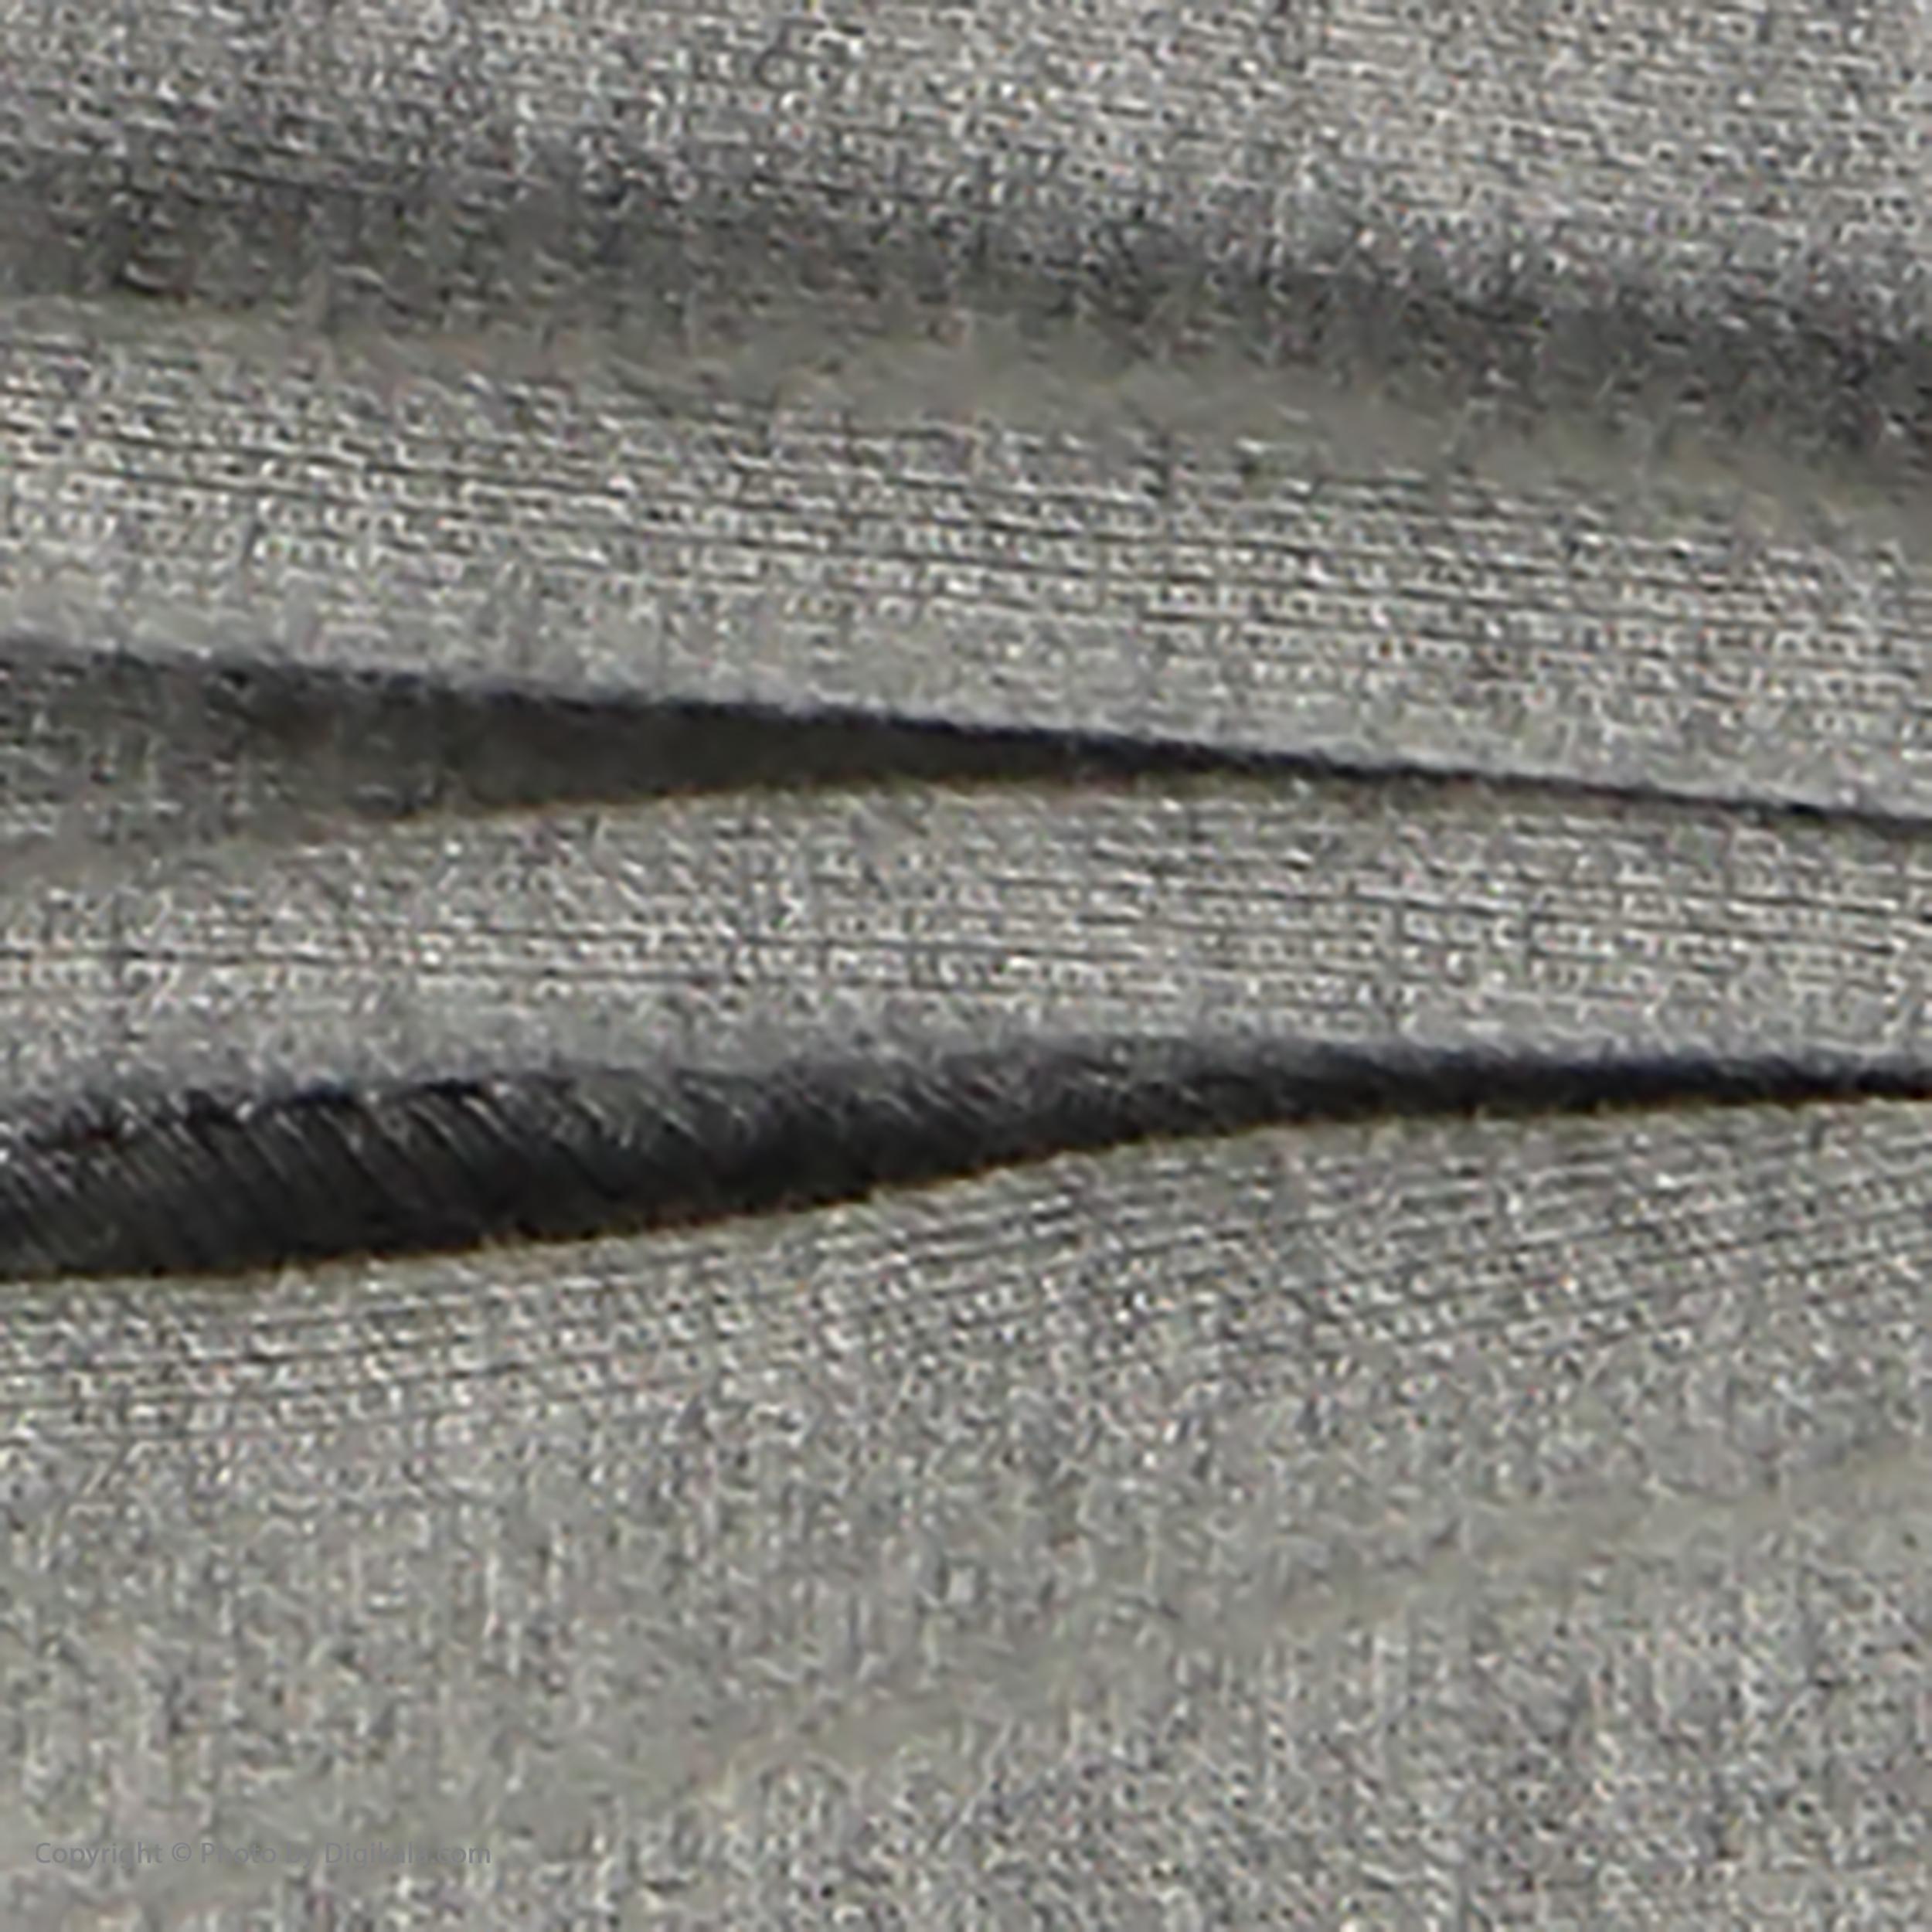 ست تی شرت و شورت نوزادی آدمک مدل 2171112-16 -  - 8